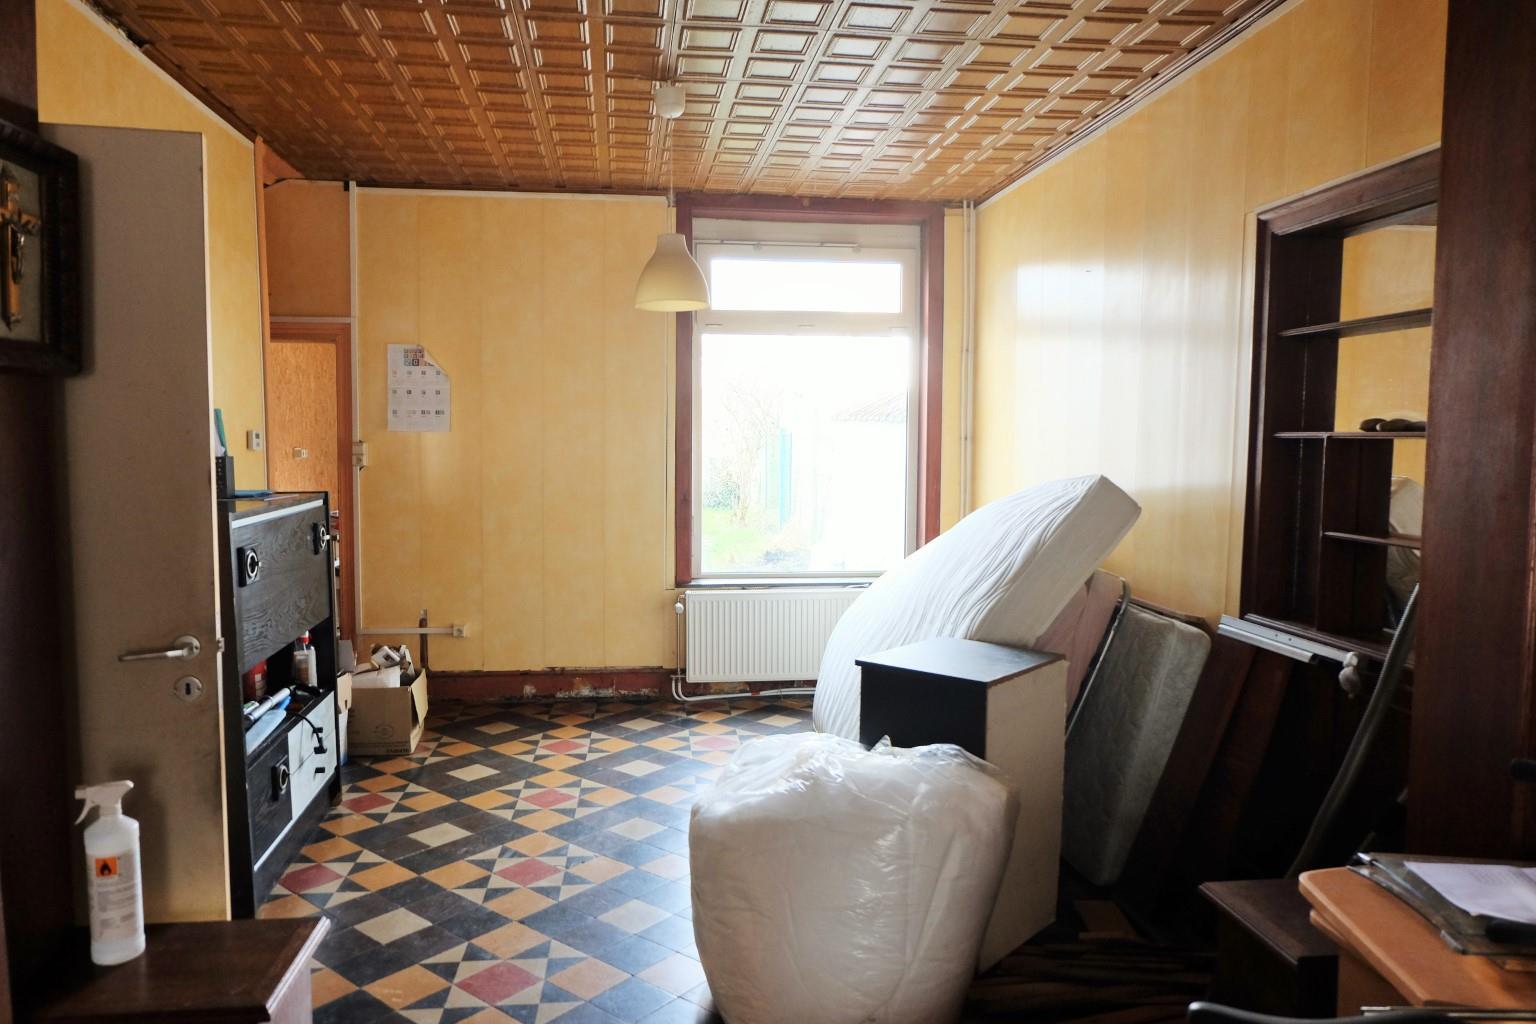 Maison - Braine-le-Comte - #2585740-3